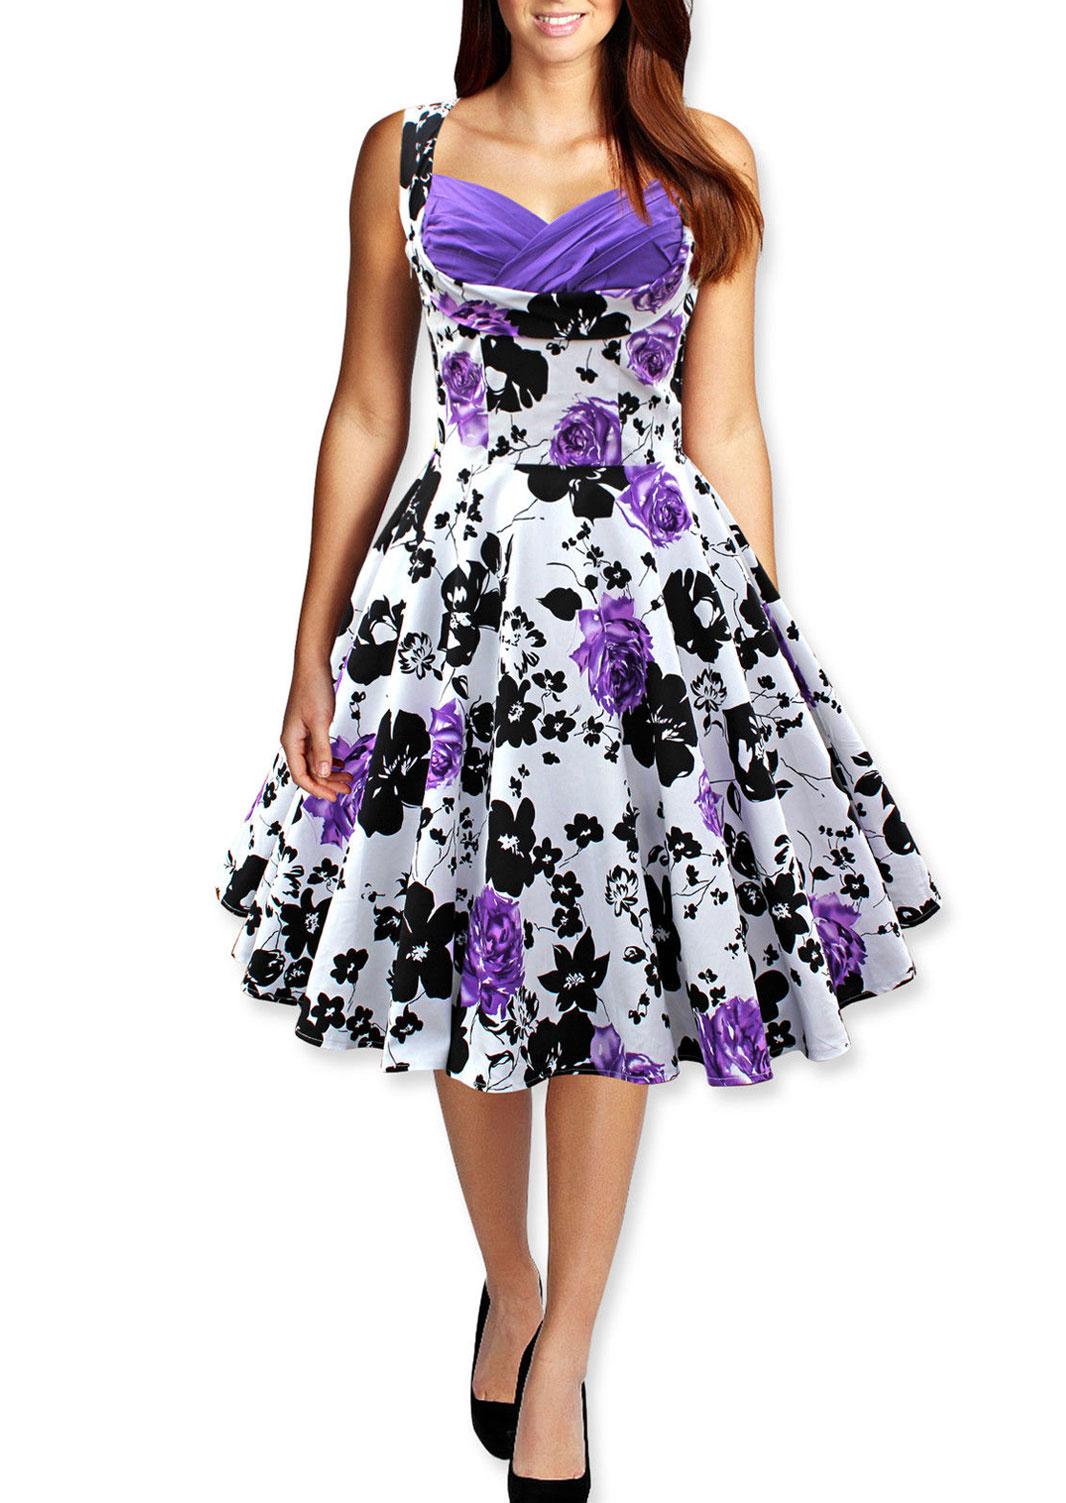 Rochie midi, în cloș, fashion, plisată, fără mâneci, cu imprimeu floral